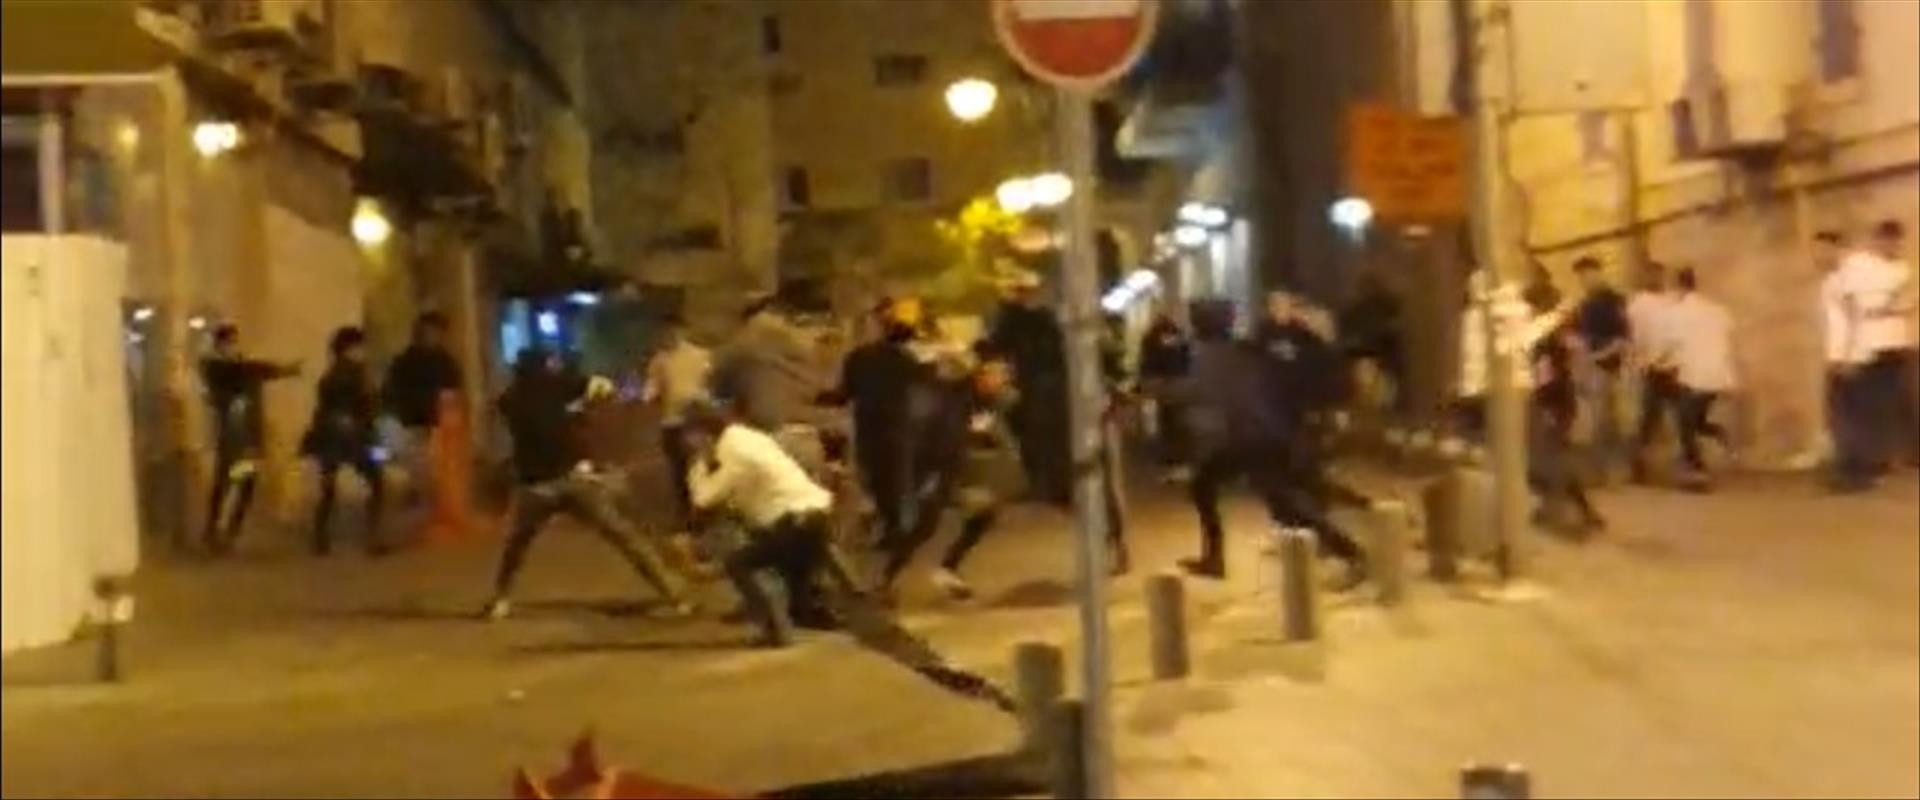 קטטה ברחוב הלל בירושלים